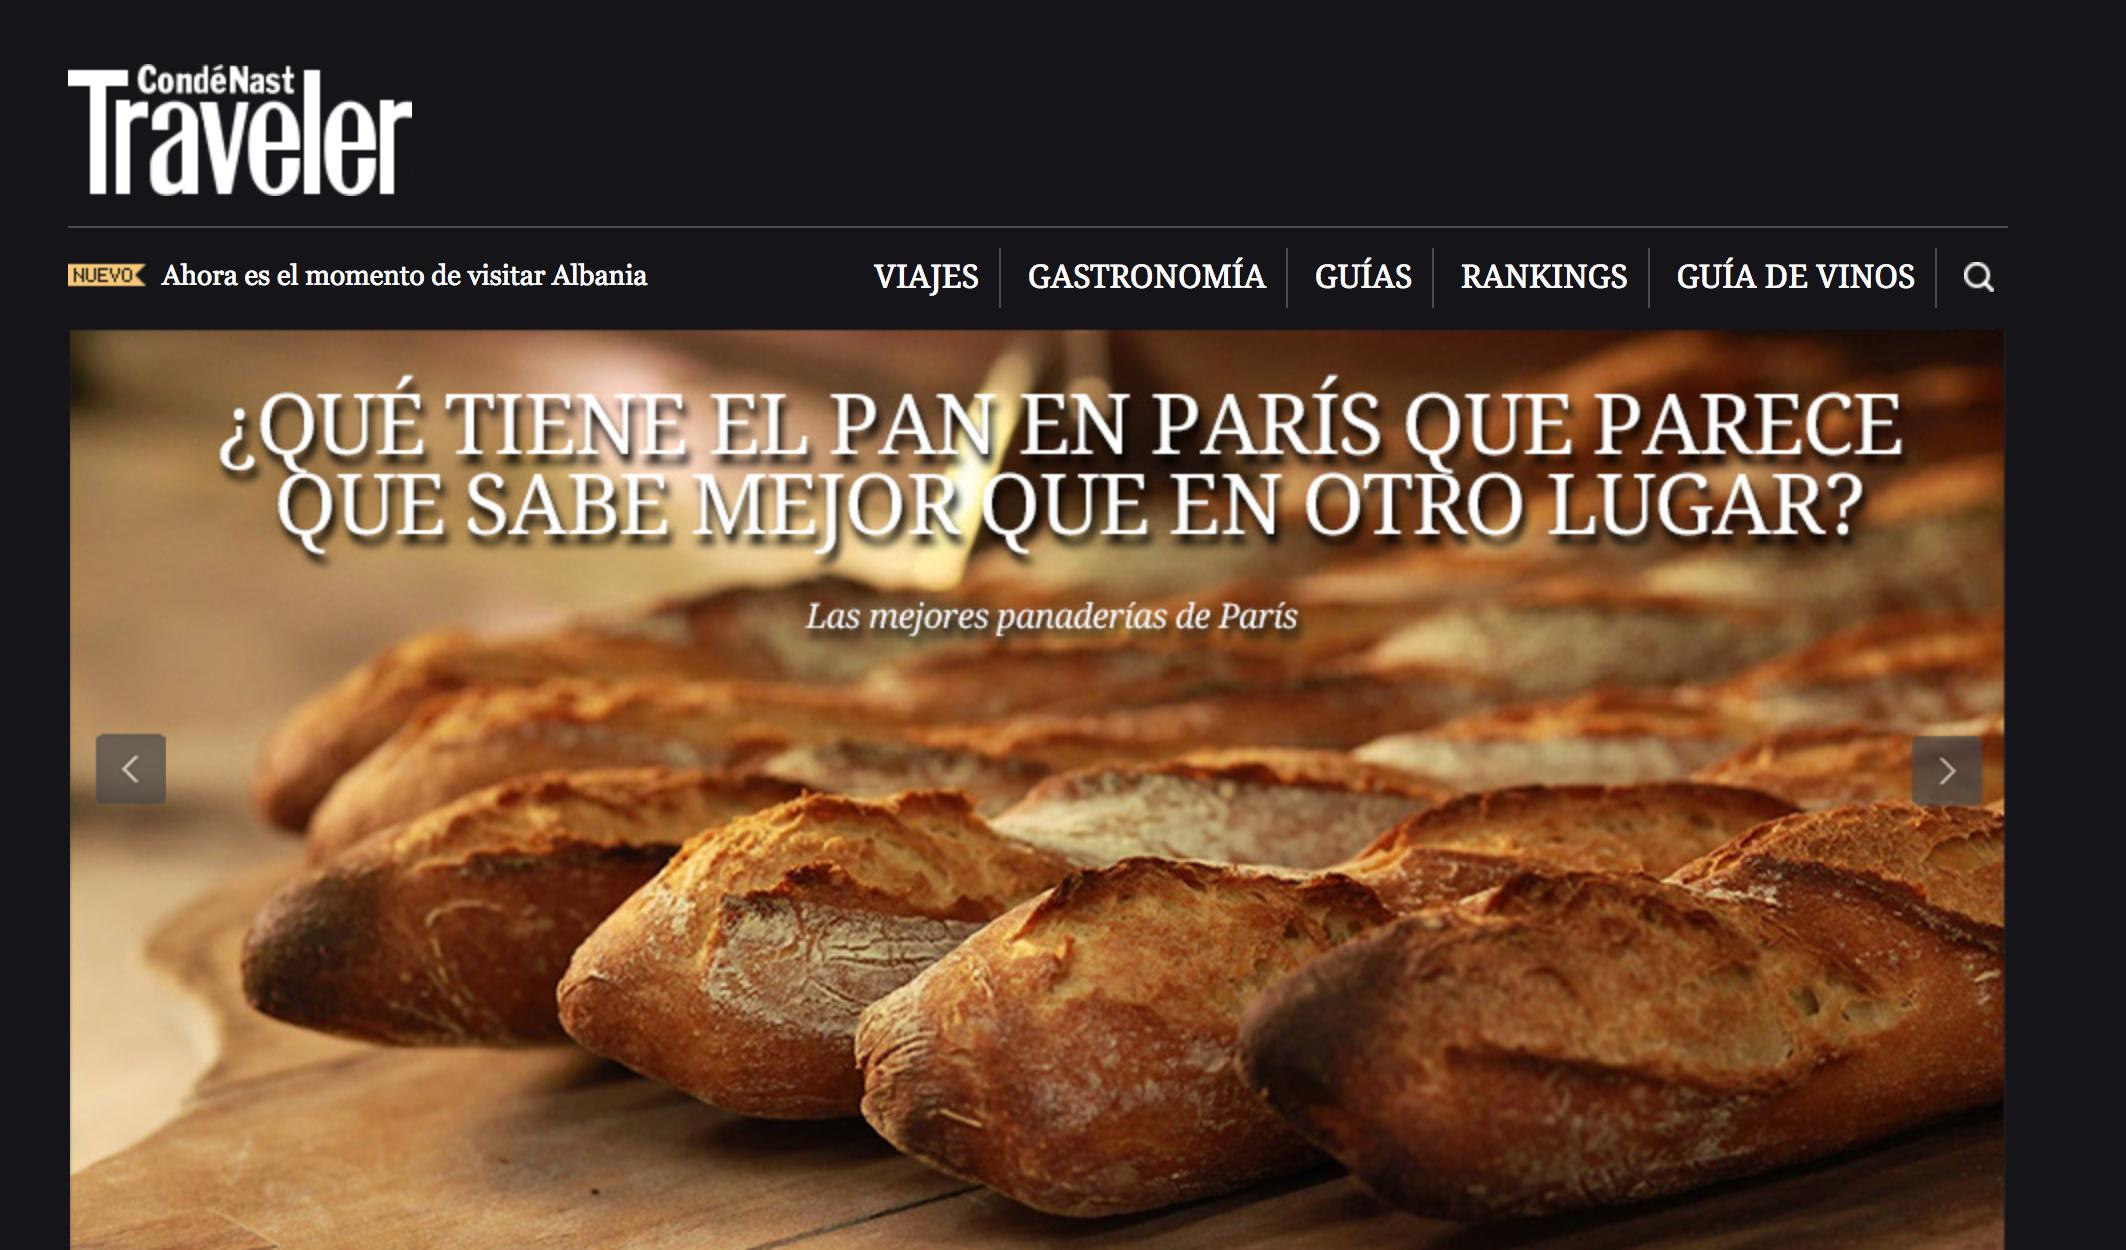 Mejores panaderías de París - Monica R. Goya